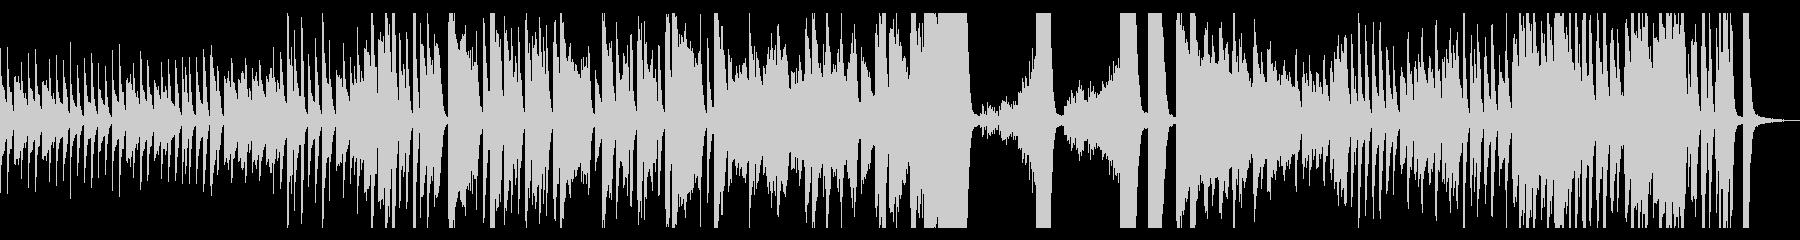 レトロ懐かしい軽快で爽やかな2台ピアノの未再生の波形